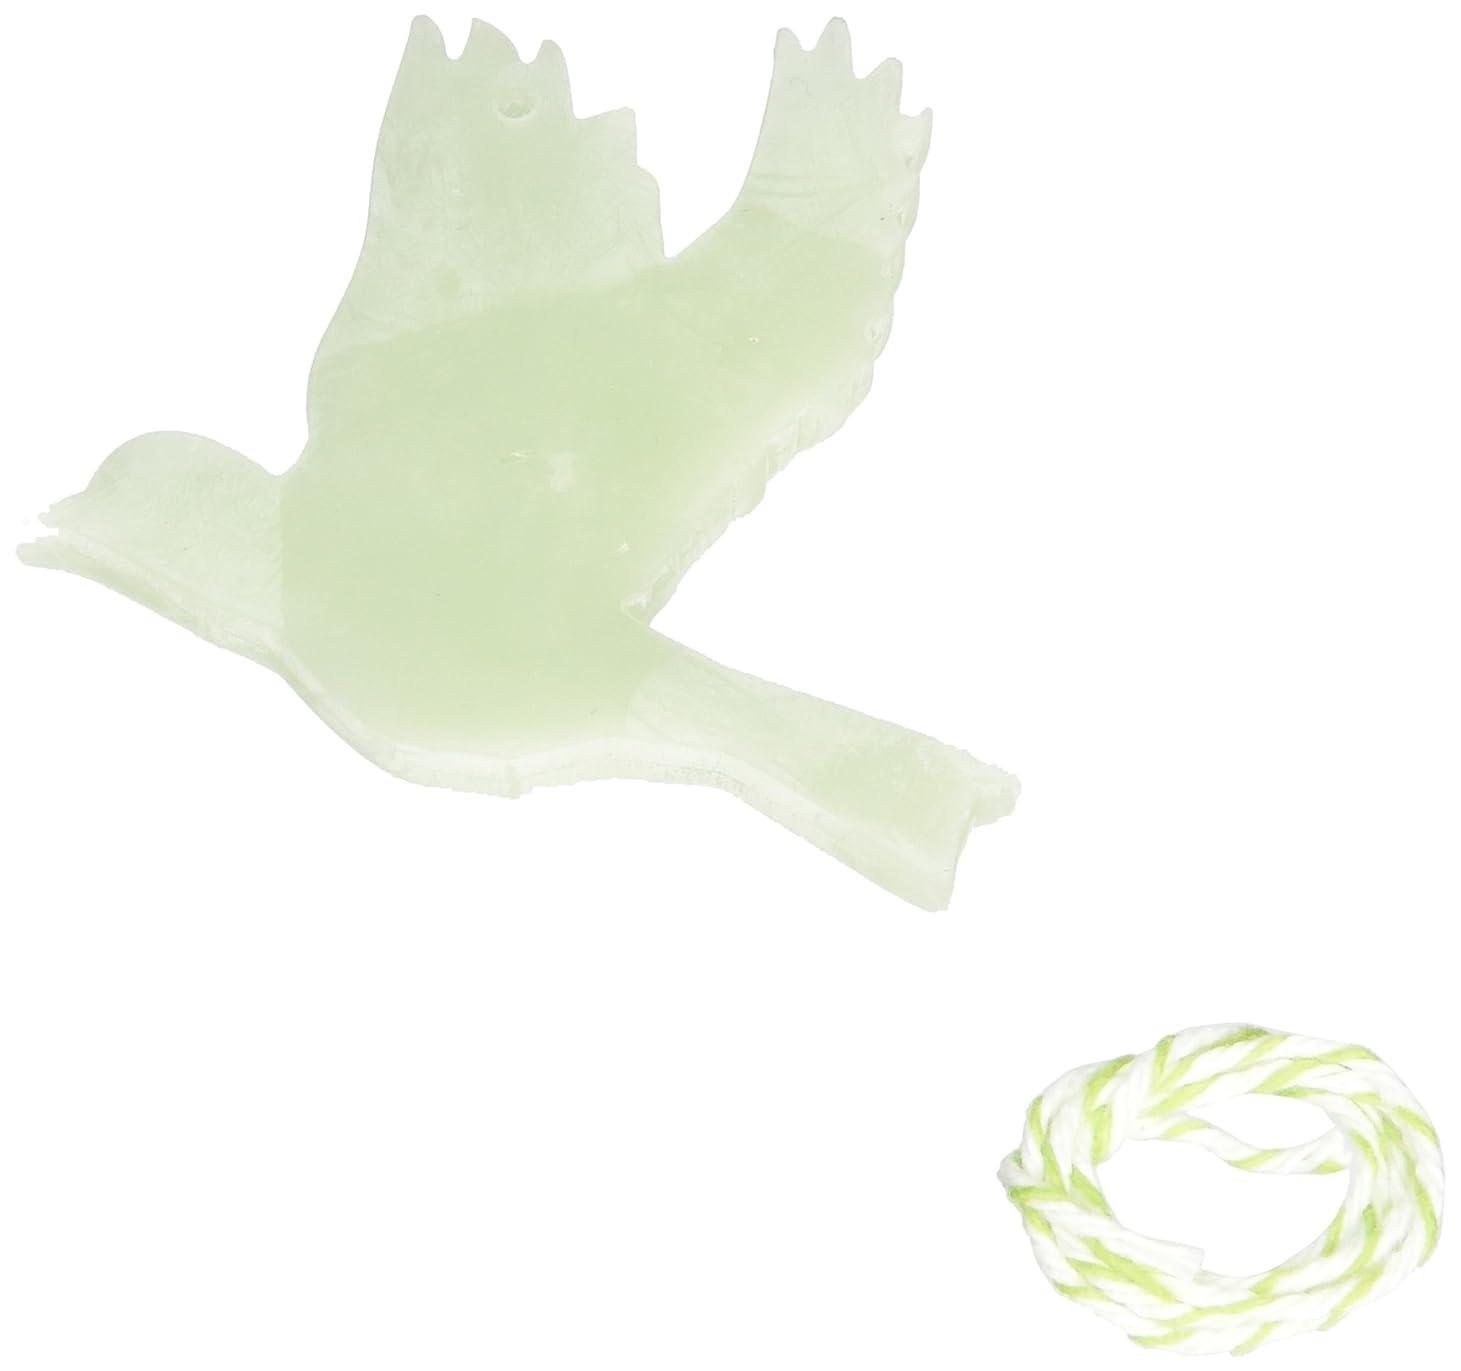 許すピンポイントまたはどちらかGRASSE TOKYO AROMATICWAXチャーム「ハト」(GR) レモングラス アロマティックワックス グラーストウキョウ